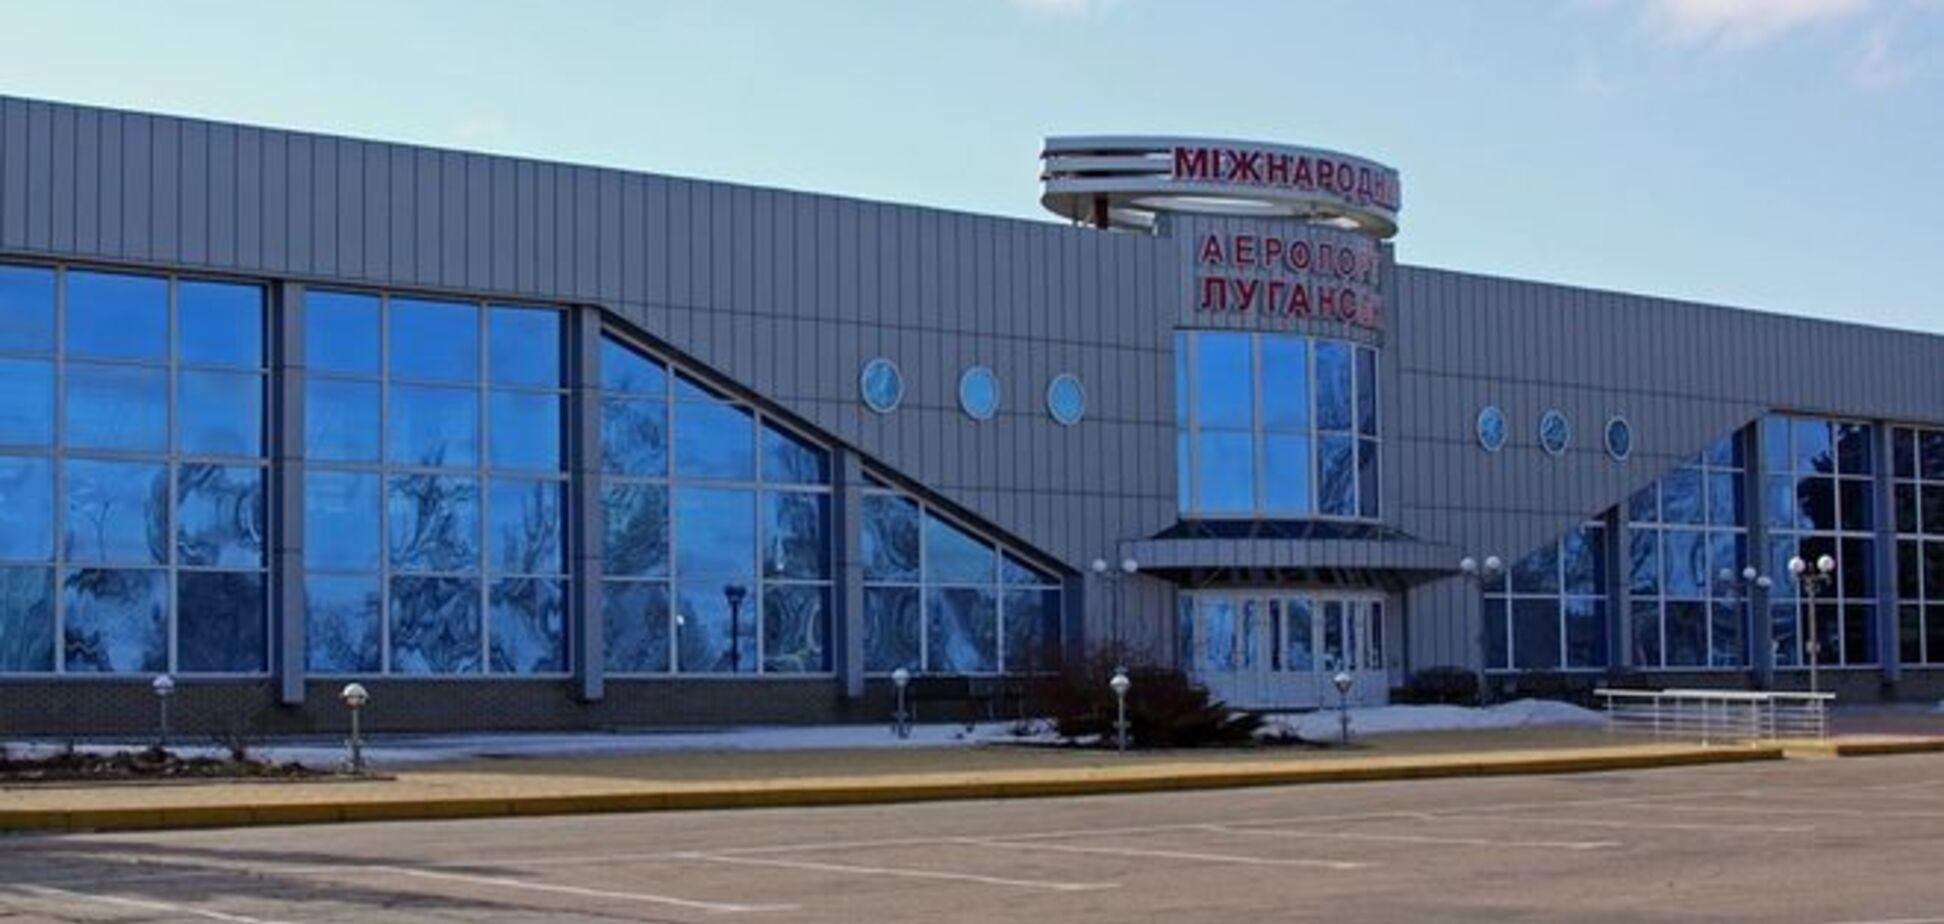 Українські військові про Болотова: він не може закрити аеропорт, який не контролює